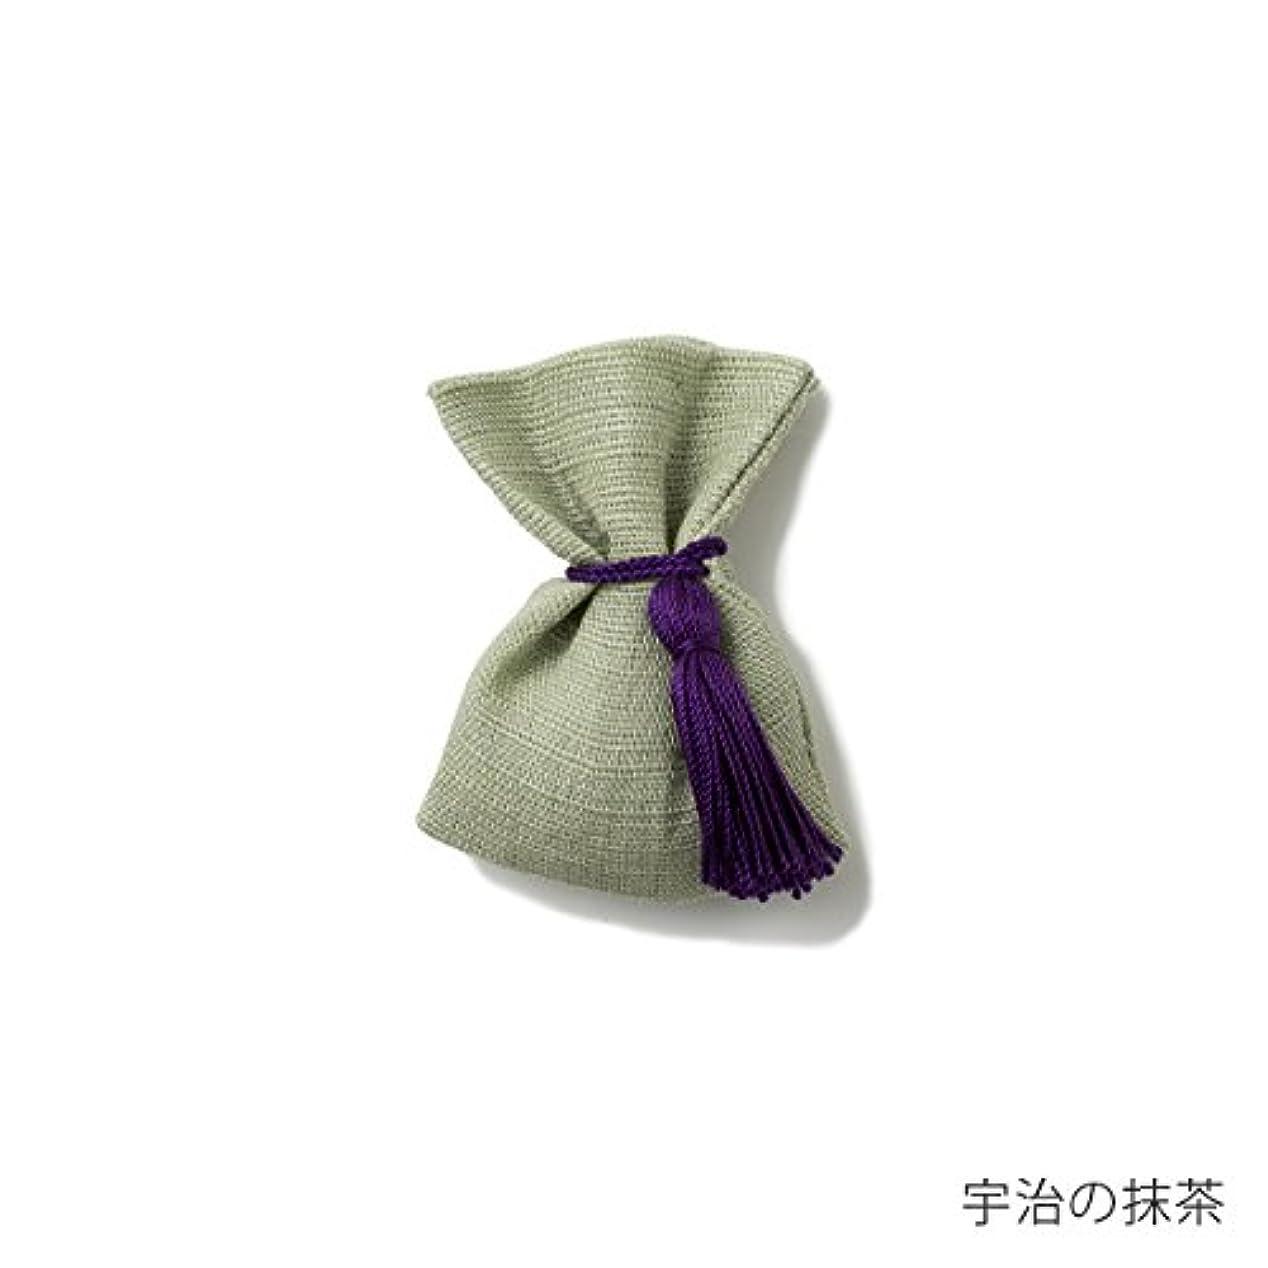 降伏あまりにも前に【薫玉堂】 京の香り 香袋 宇治の抹茶